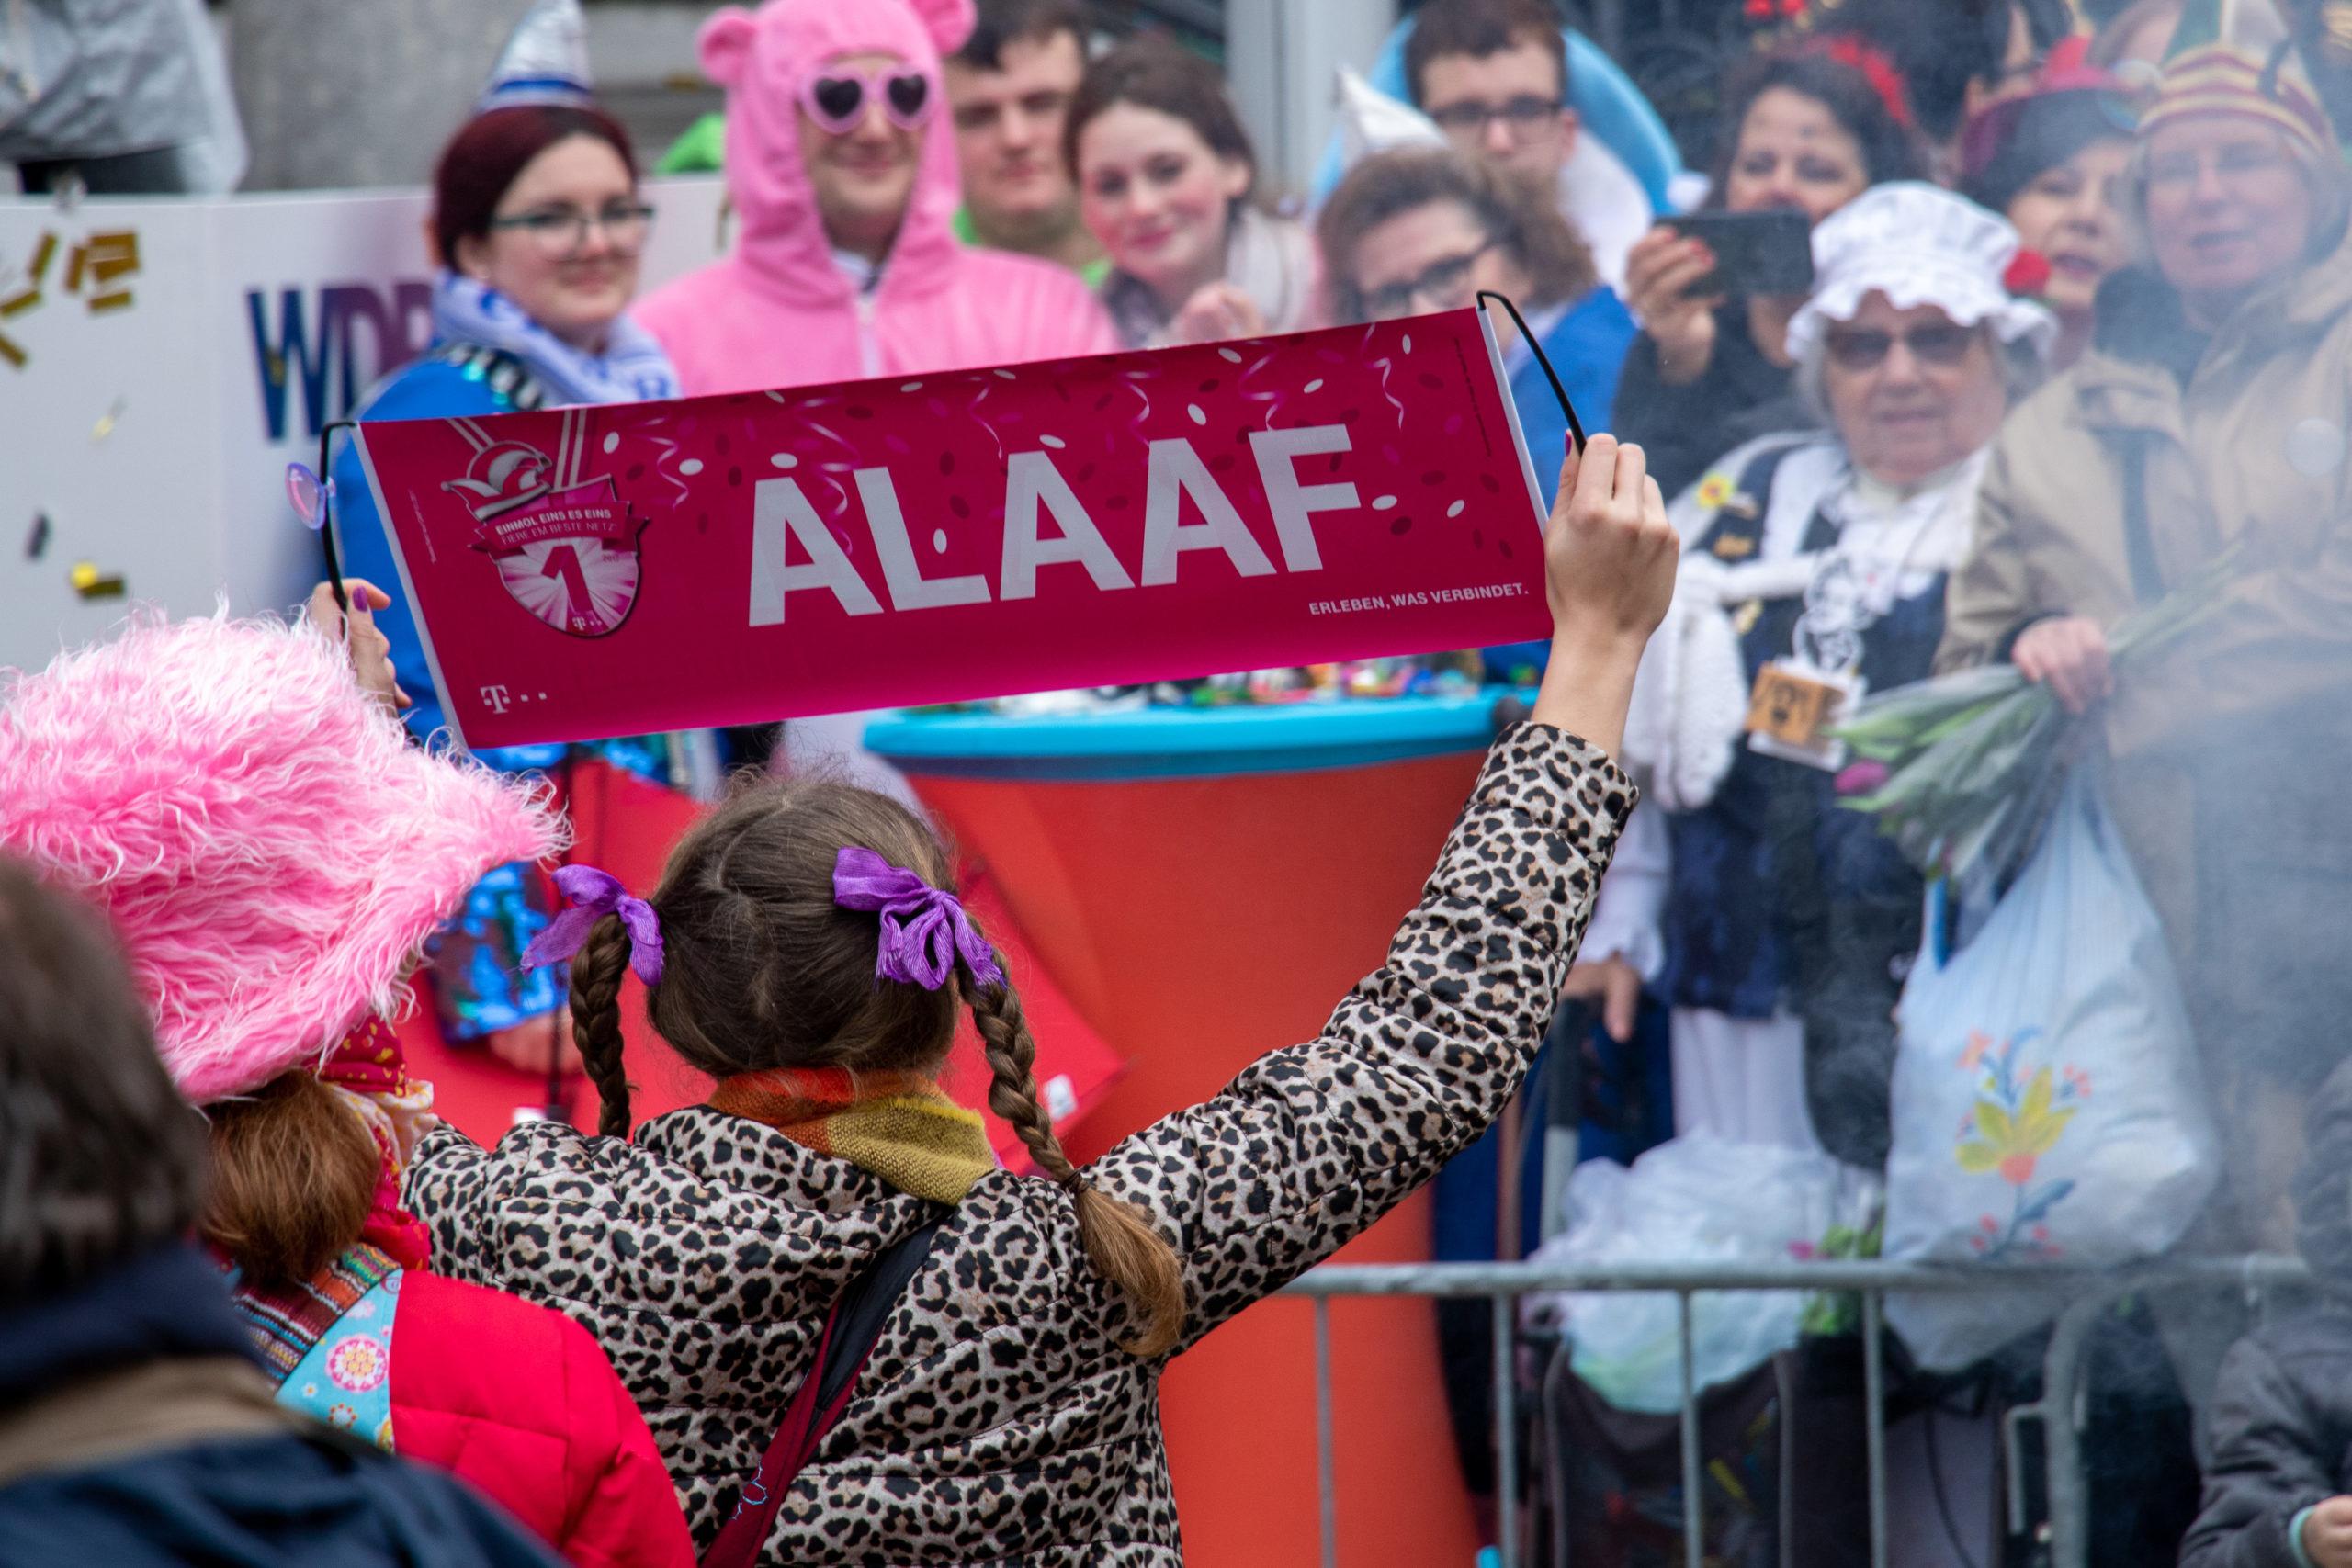 Eine Frau, von hinten fotografiert, hält ein kleines Transparent in die Höhe Richtung verkleidetem Publikum. Aufschrift: Alaaf.